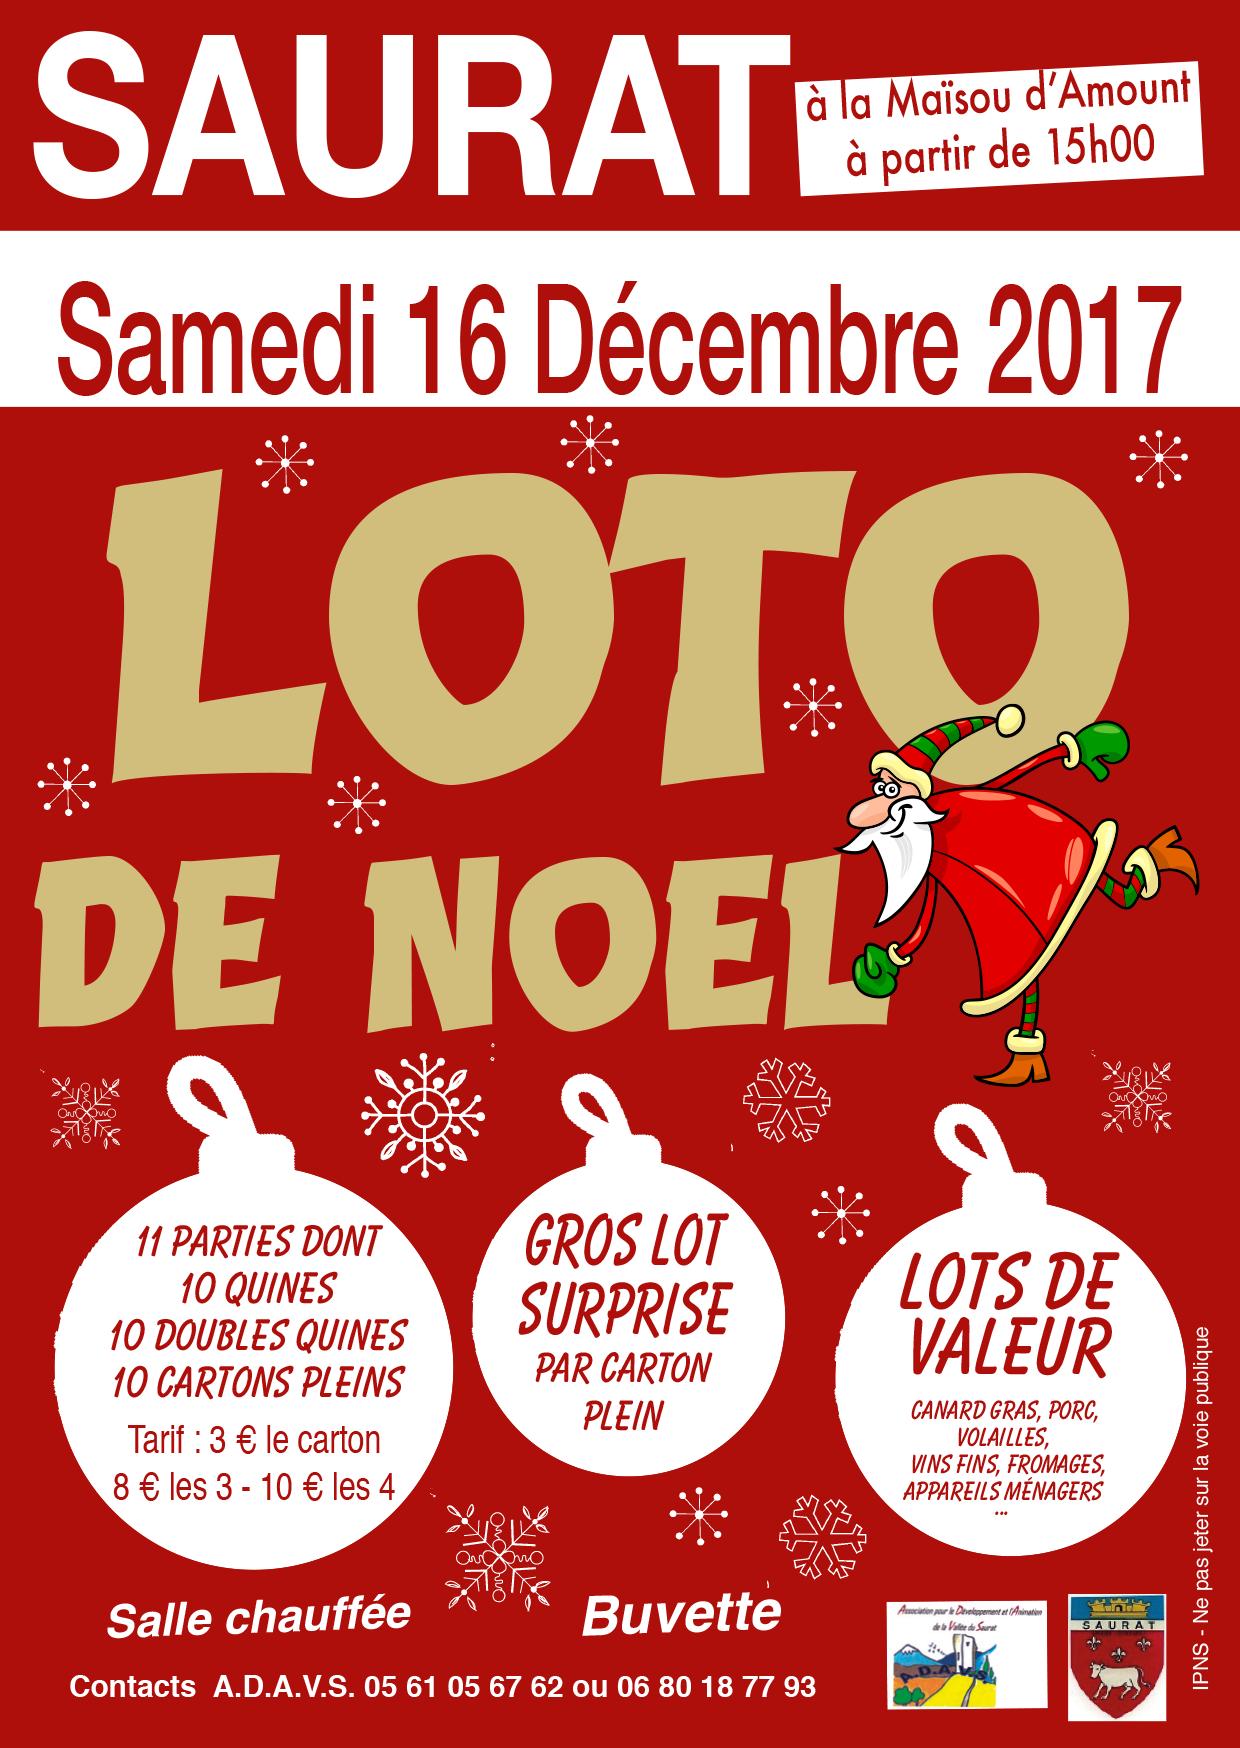 SAURAT Loto de Noël 16 décembre 2017